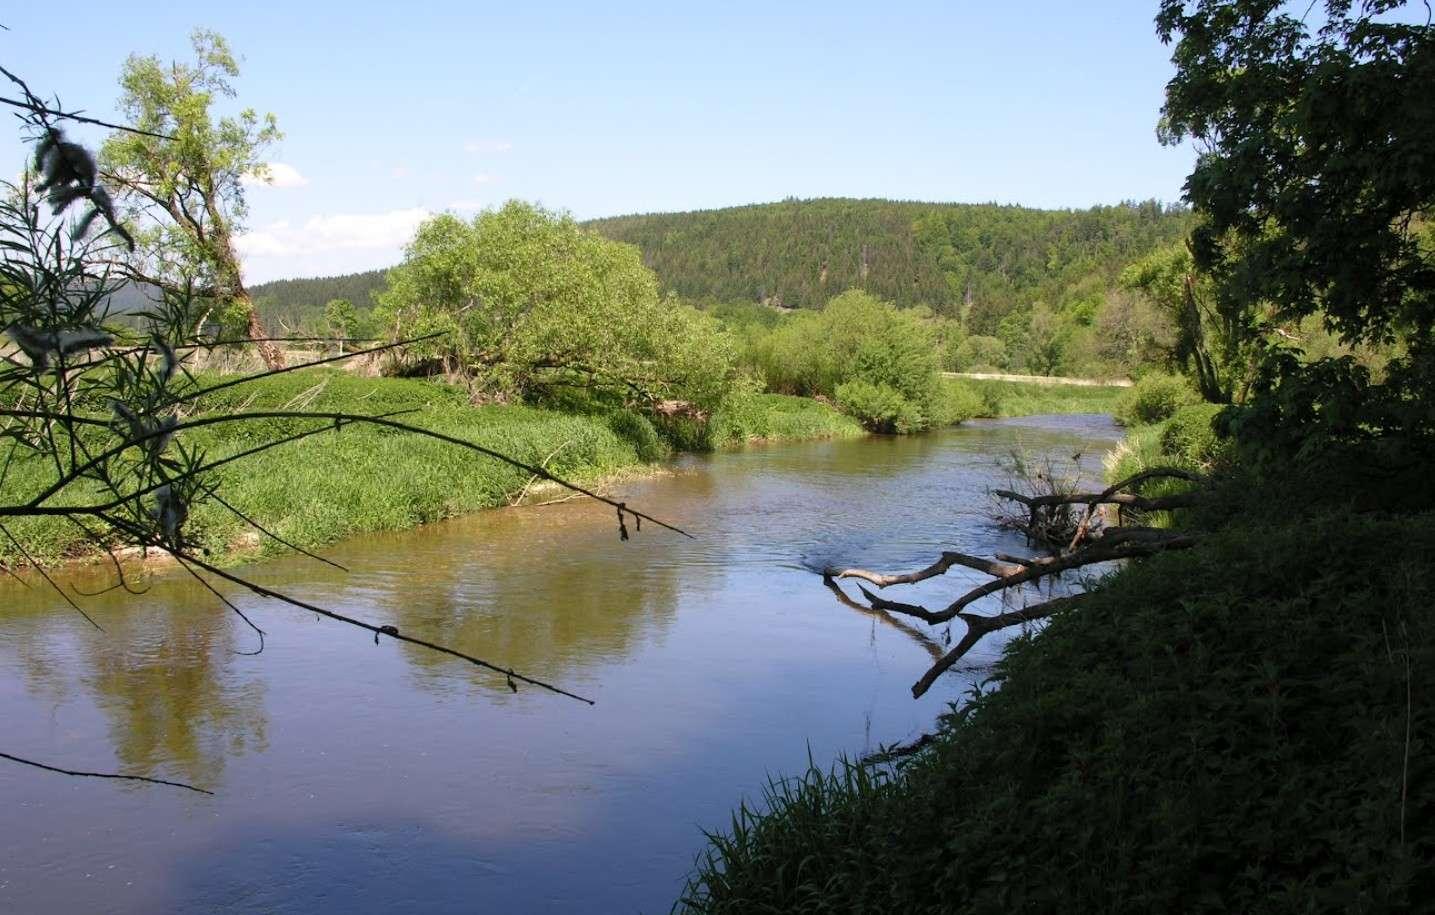 """La disparition du Danube (Donauversickerung), Immendingen, Allemagne, 47°55'46.28""""N 8°45'20.68""""E 2015-147"""